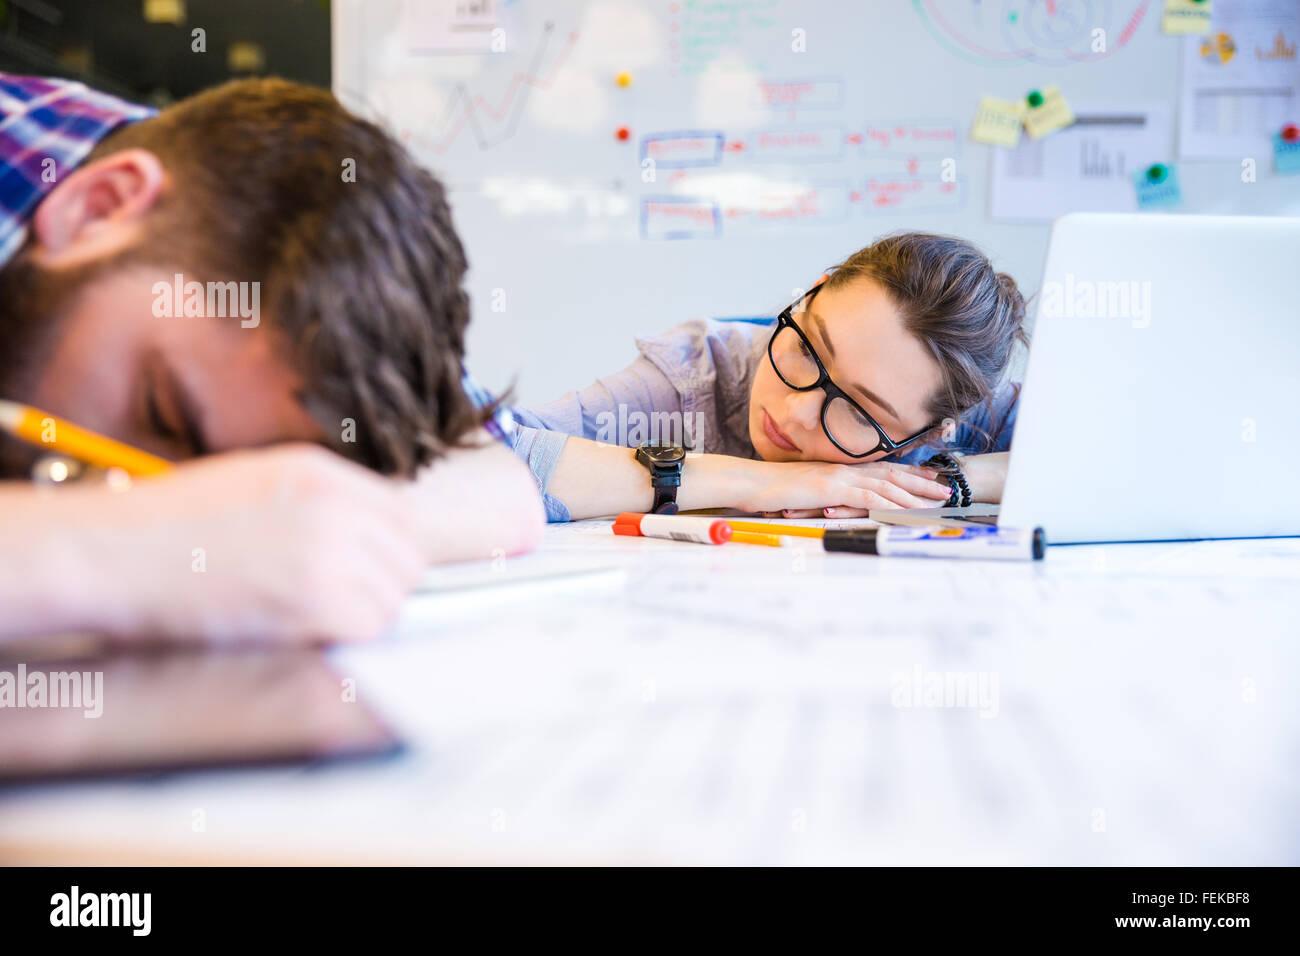 Agotado joven y hombre dormido sobre la mesa de oficina Imagen De Stock